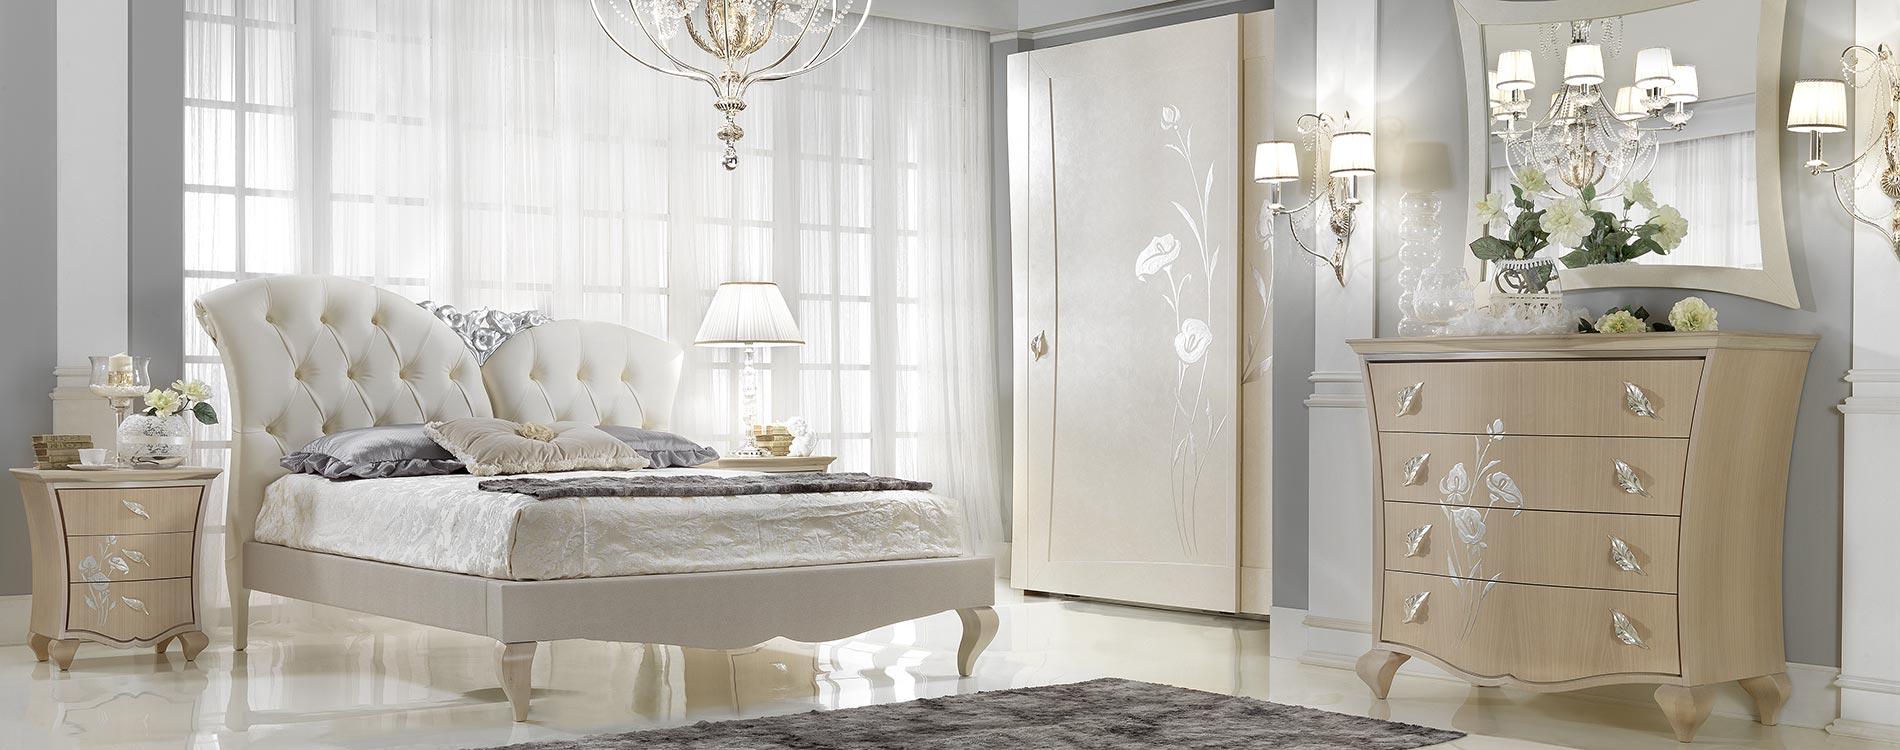 Camere Da Letto Taranto mobilificio europa, mobili ed arredamenti classici e moderni